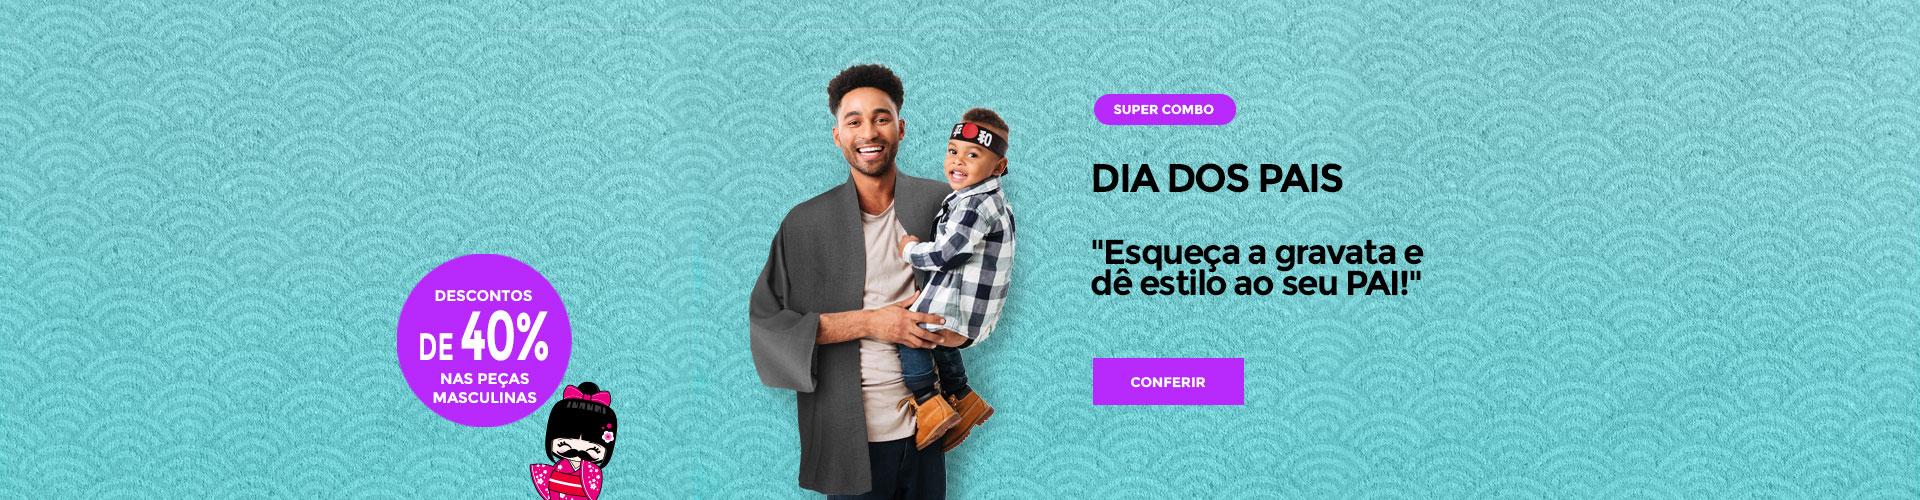 Promoção Dia dos Pais 40%OFF